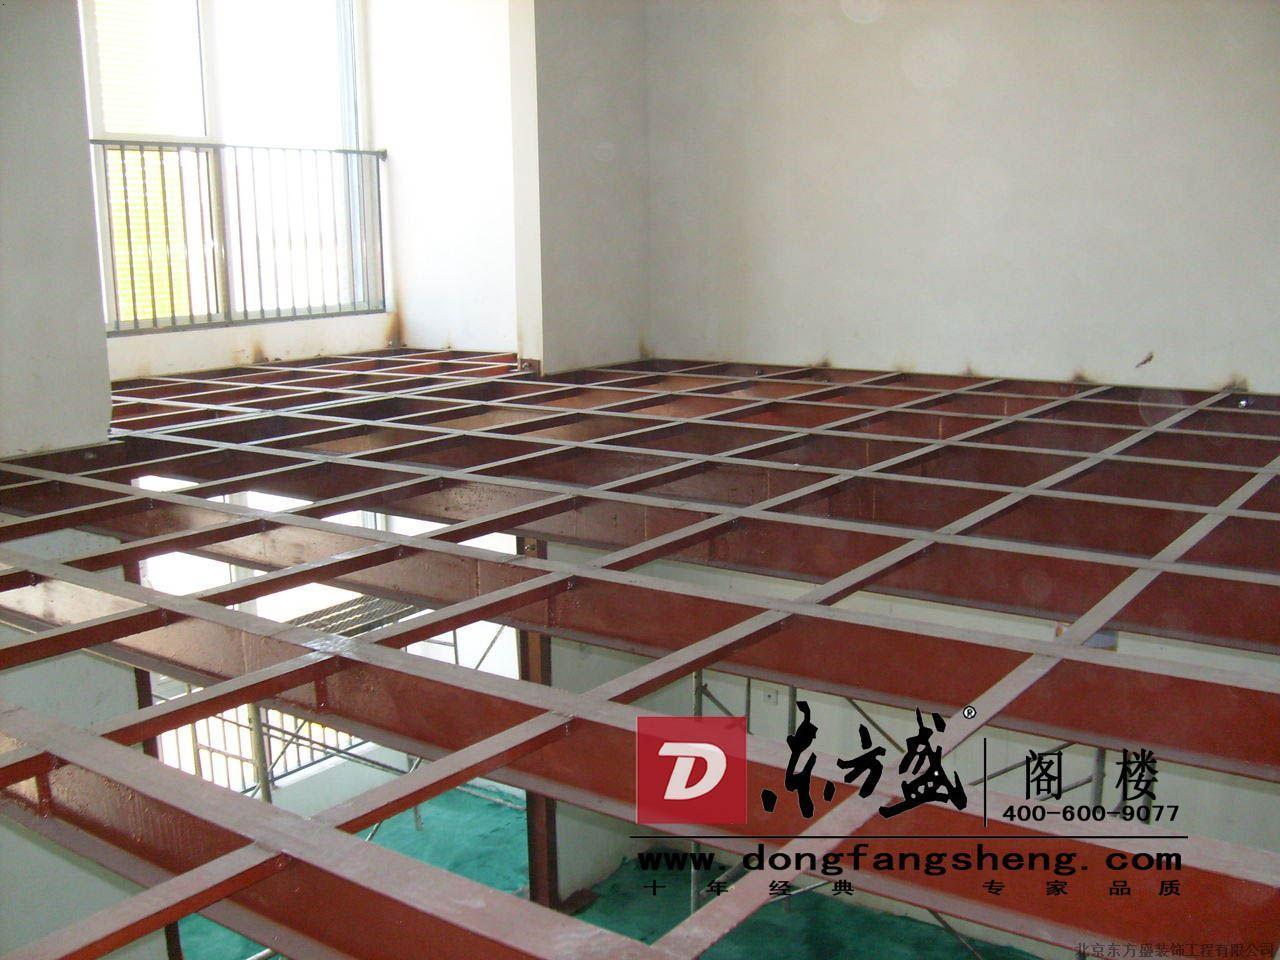 北京专业钢结构夹层室内隔层层搭建  北京东方盛钢结构工程公司 www.